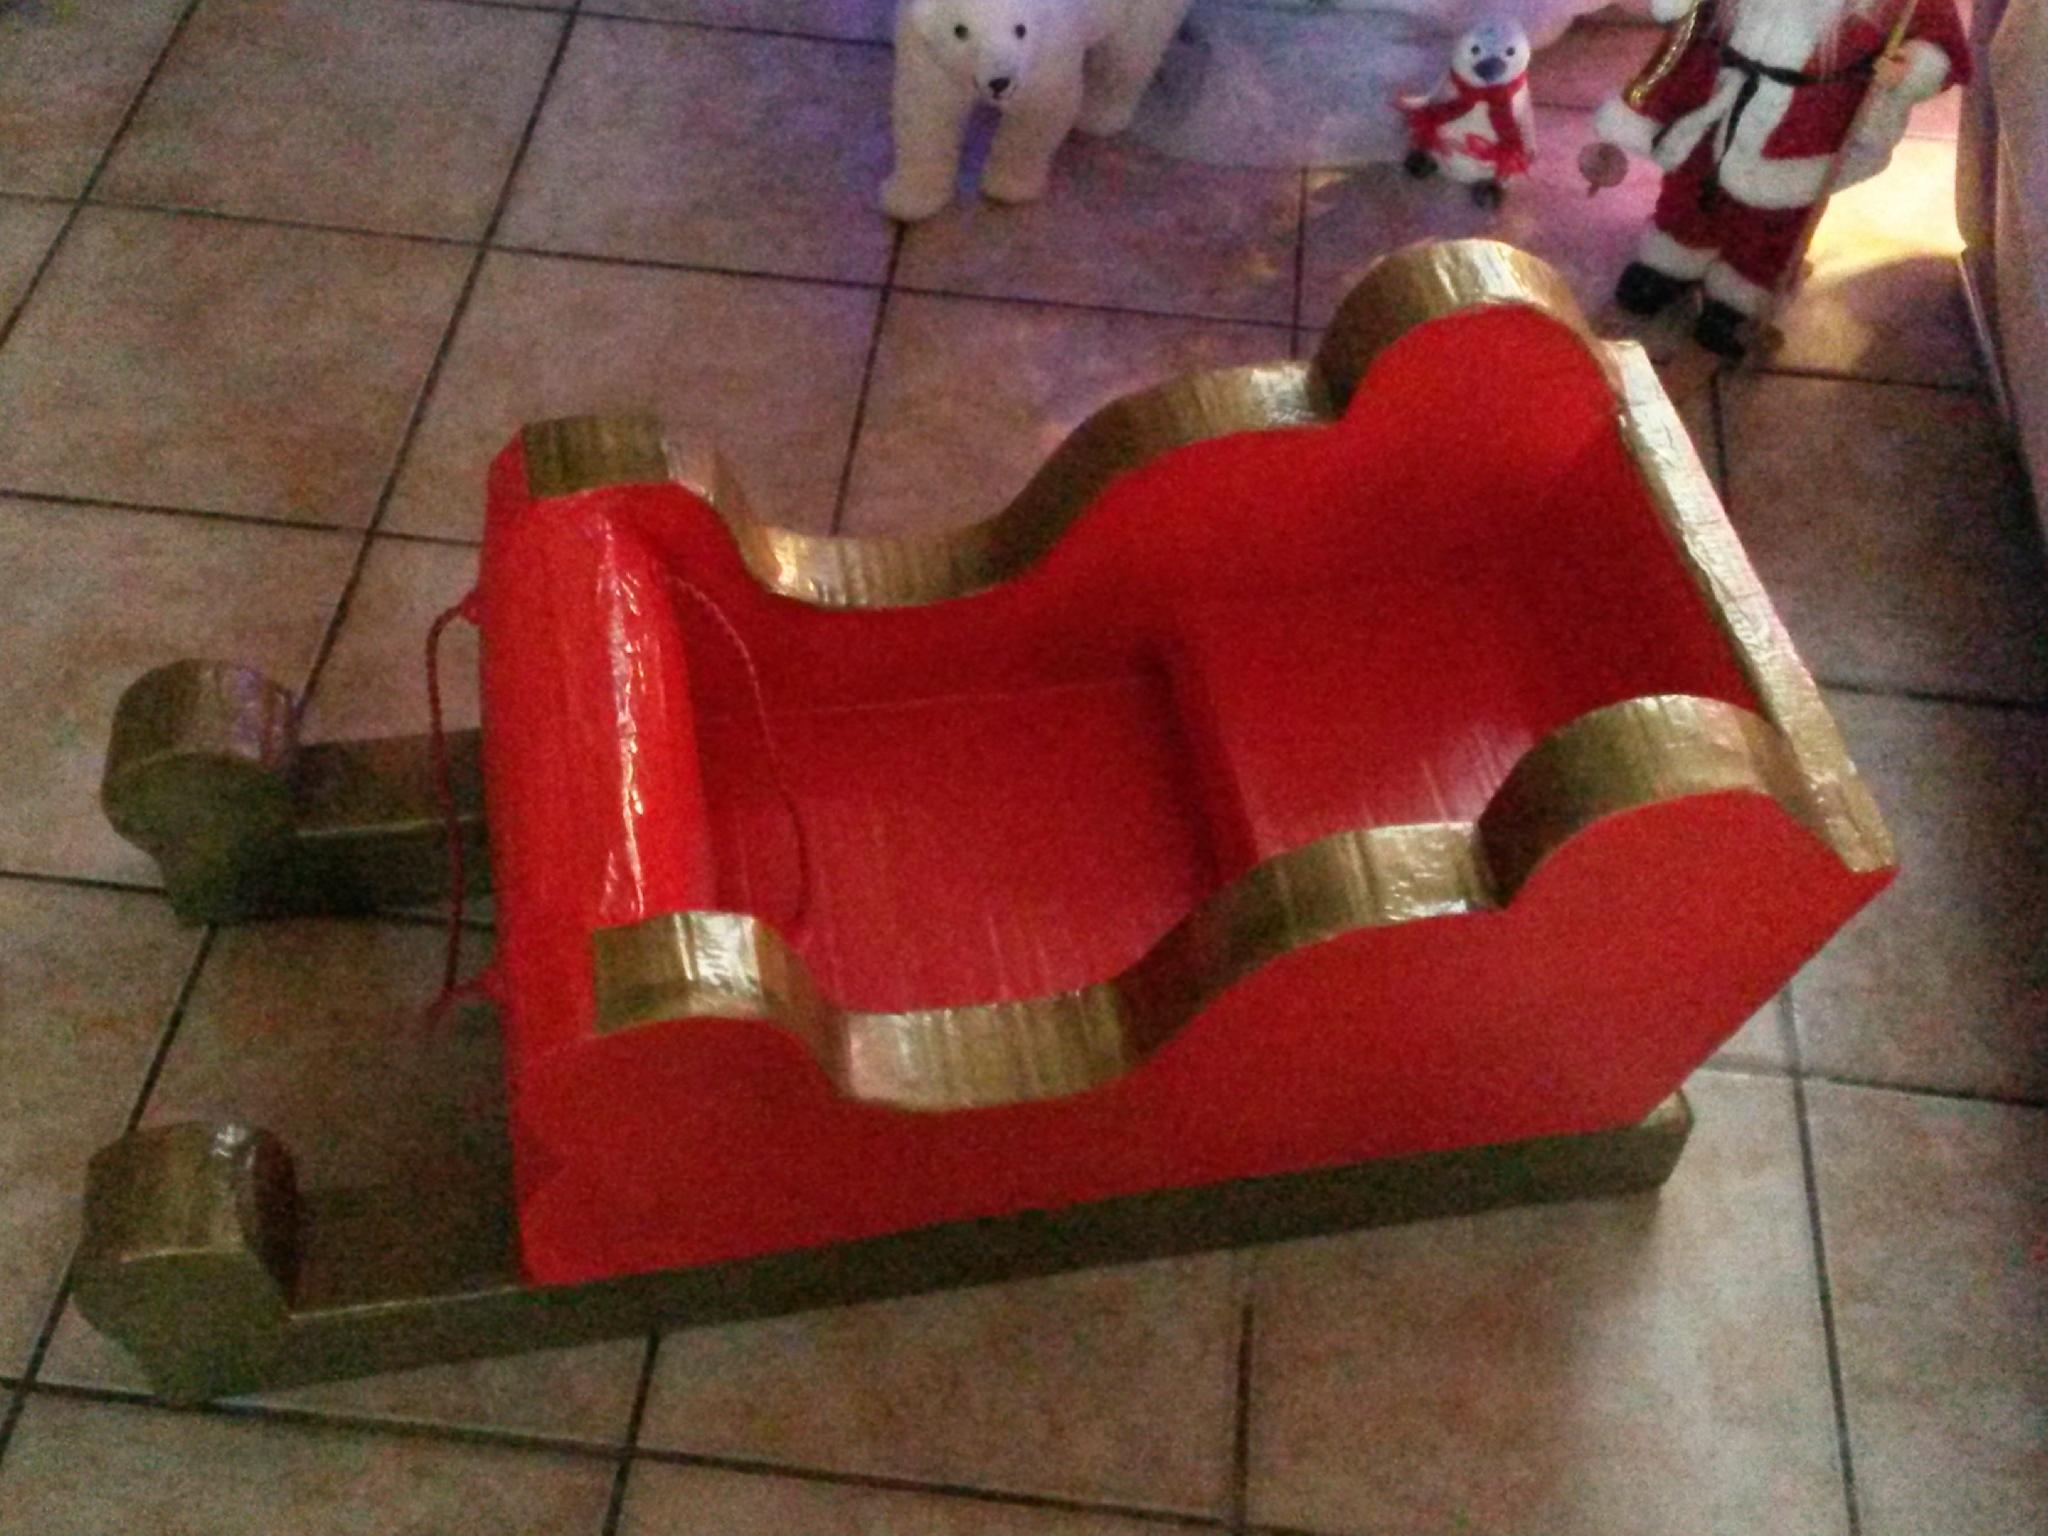 Traîneau Du Père Noël En Carton - Les Créations De Katytortue pour Fabrication De Pere Noel